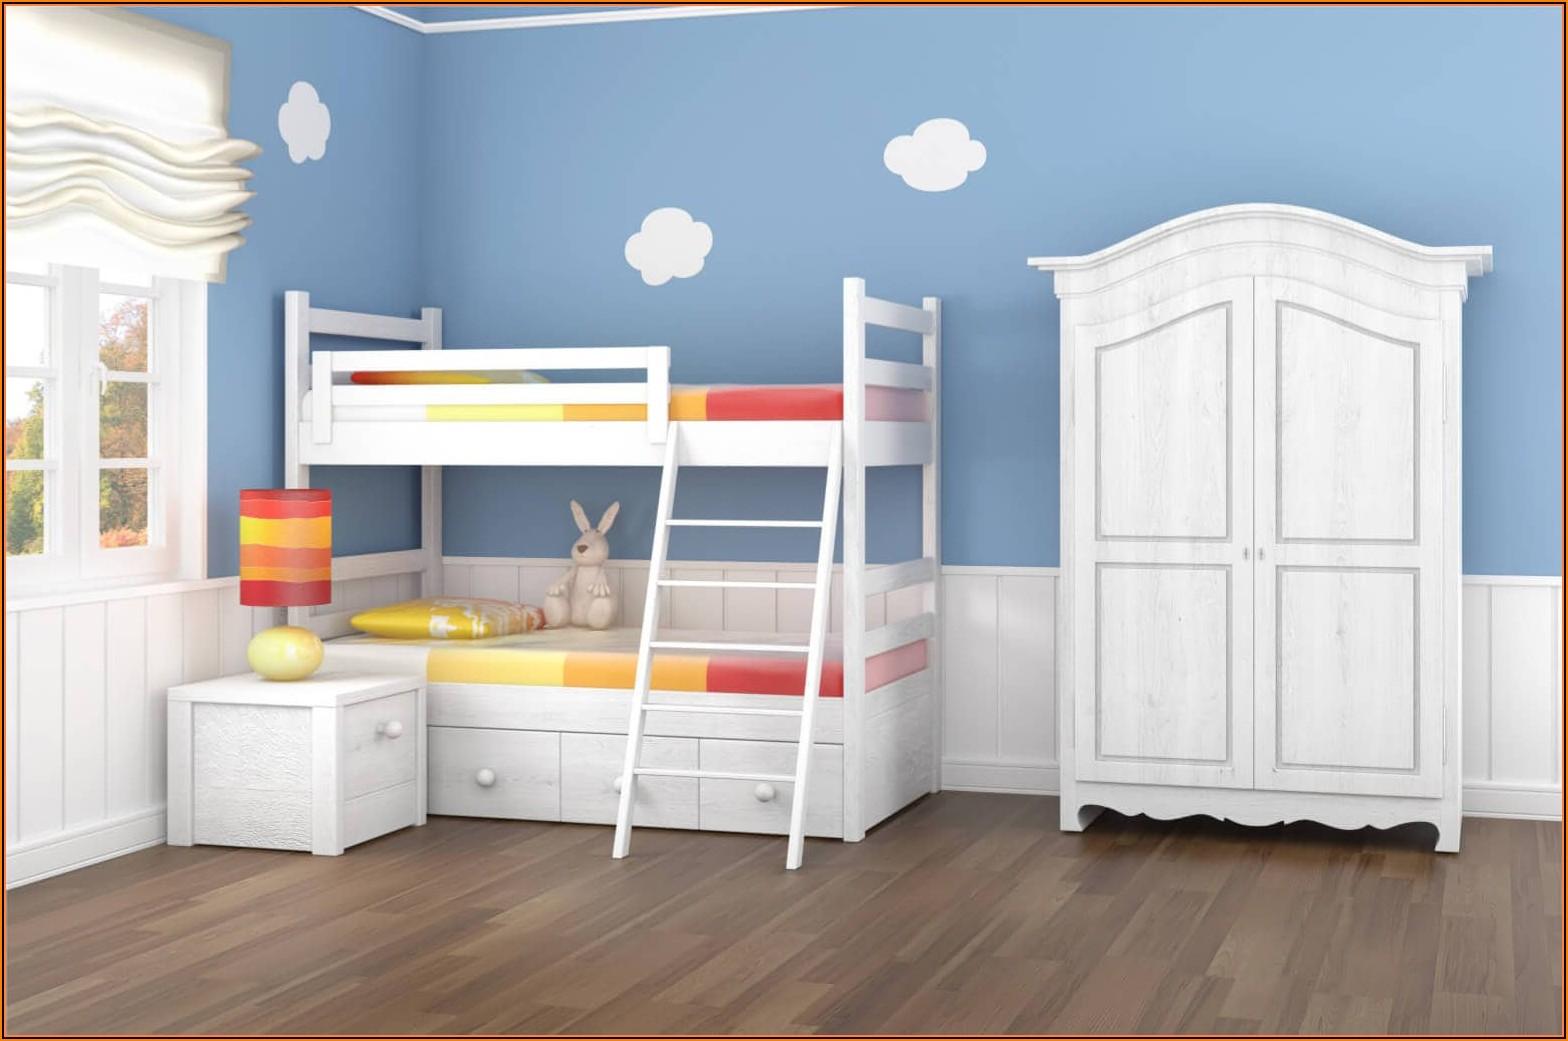 Welche Farben Sind Gut Für Kinderzimmer